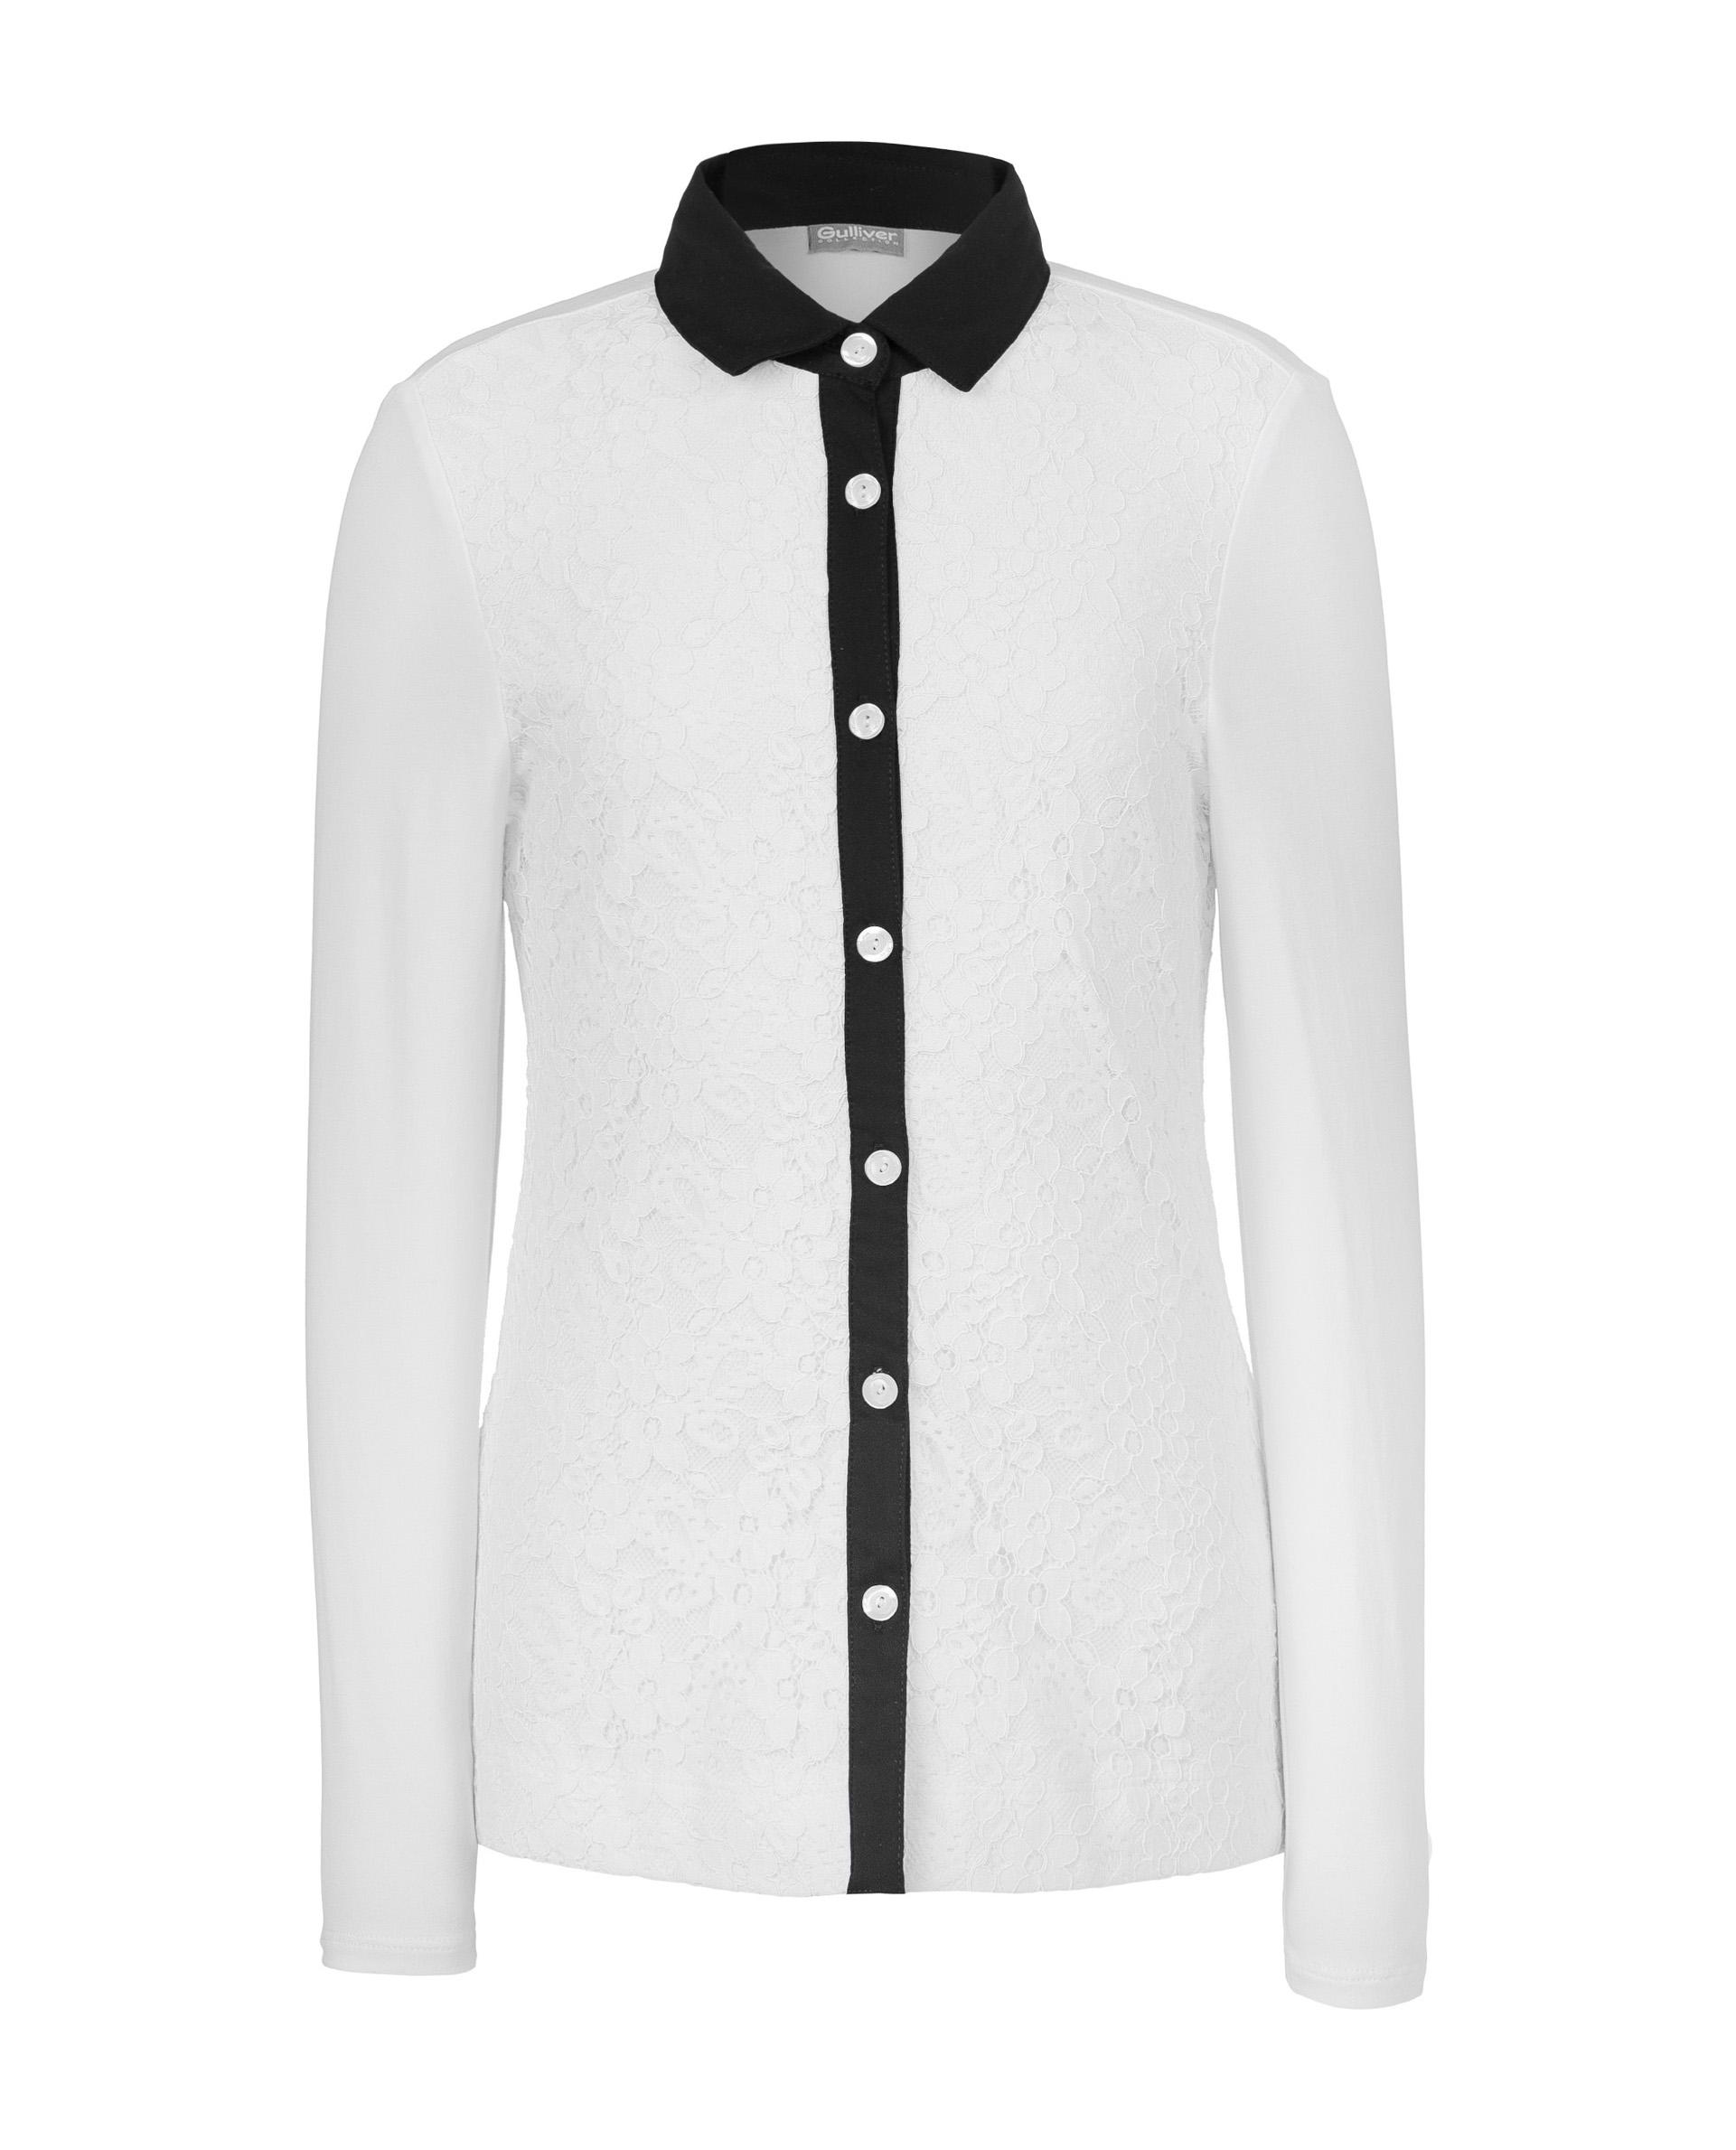 Рубашка для девочек Gulliver, цв. белый, р.170